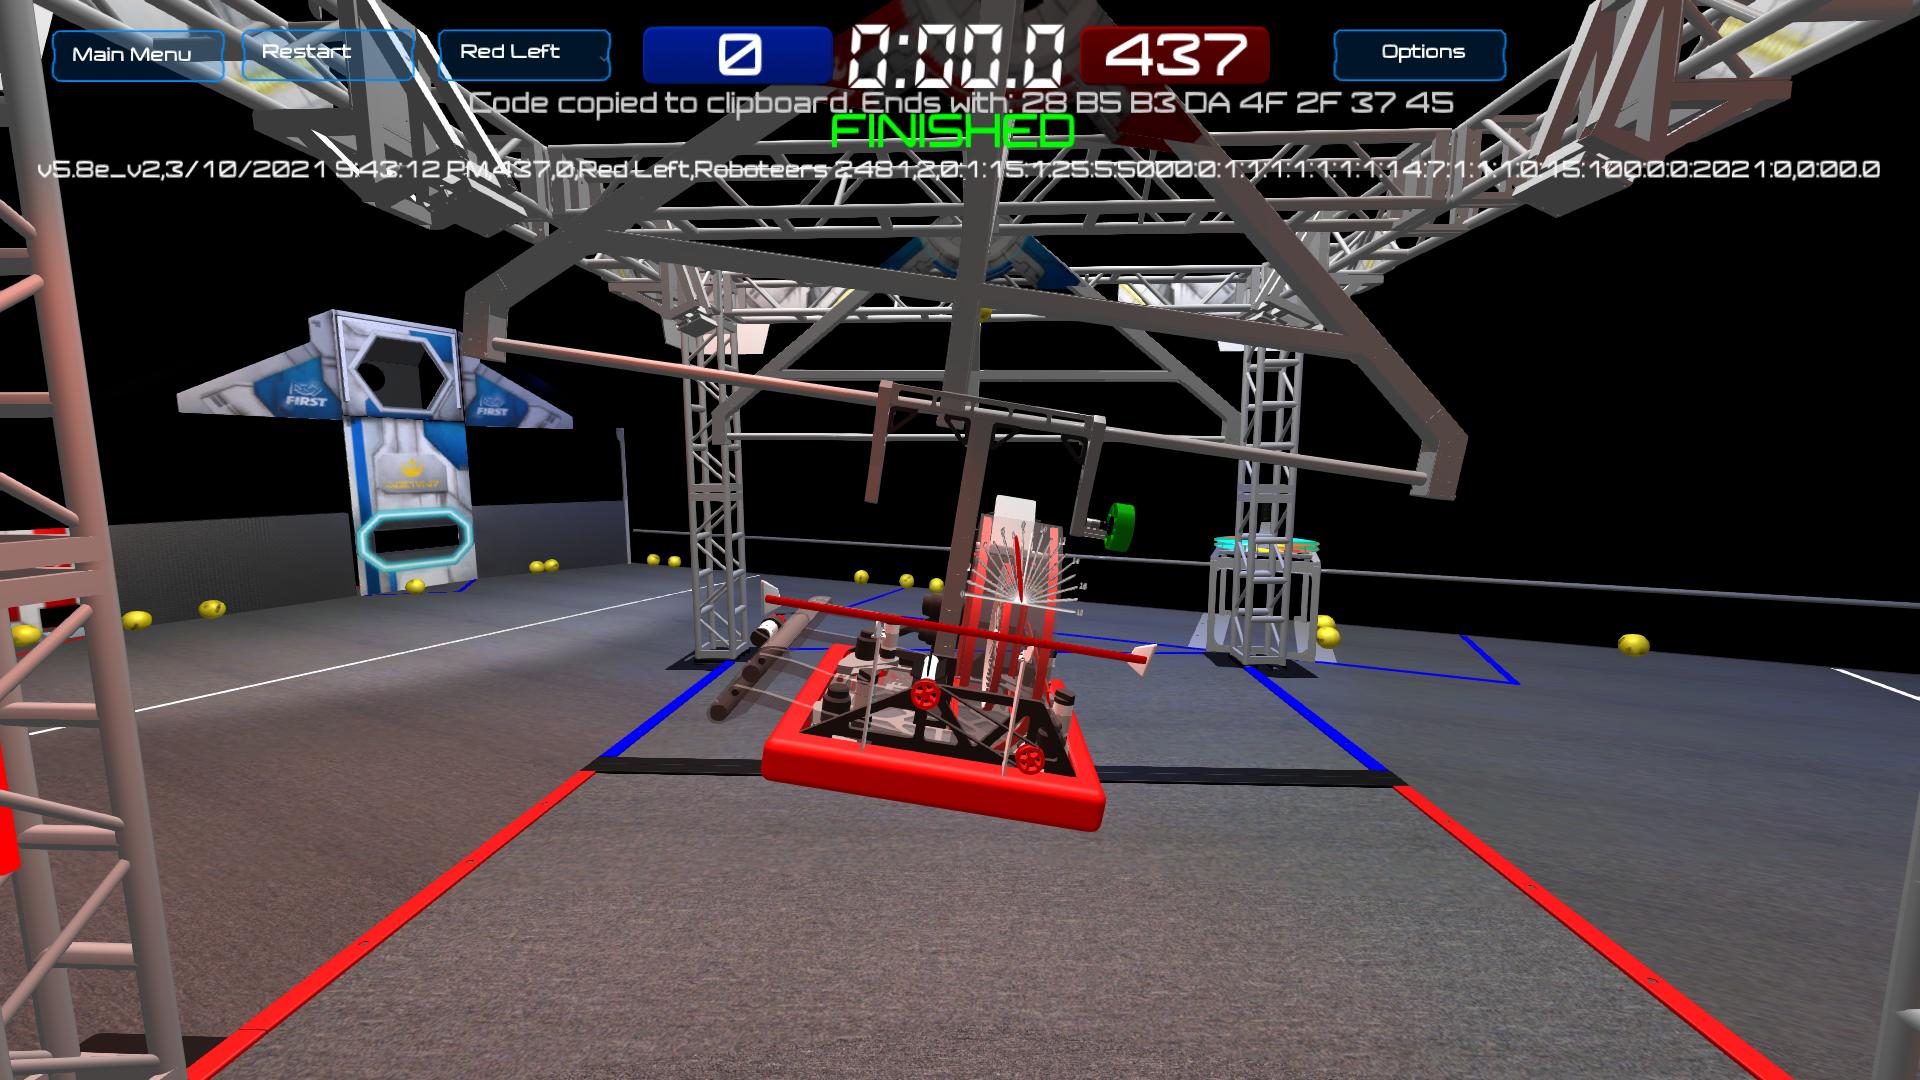 Roboteers score screnshot